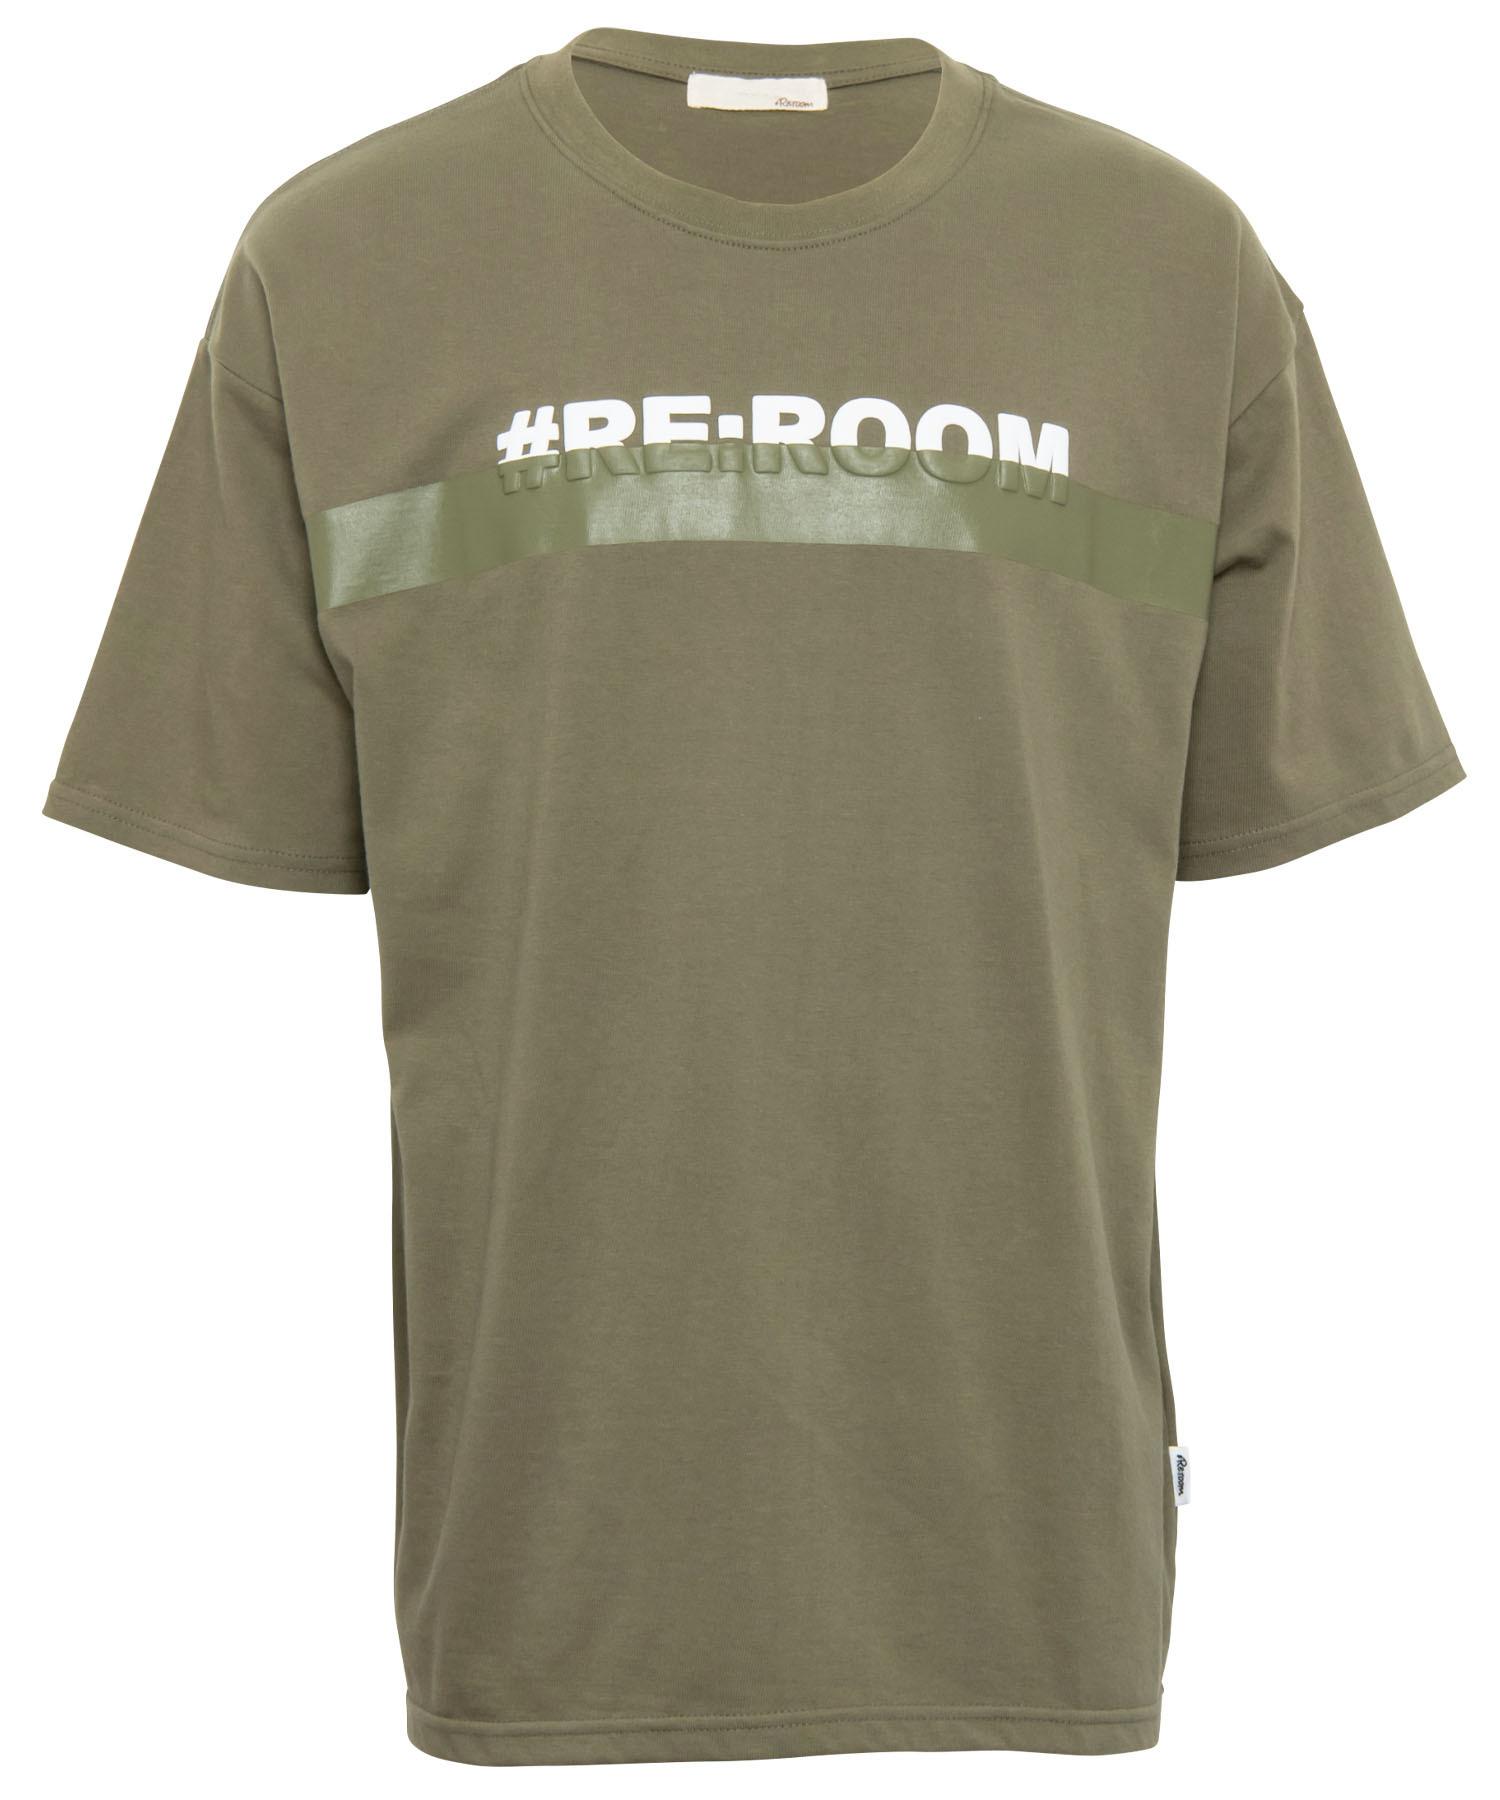 3D LOGO PRINT LINE BIG T-shirt[REC406]